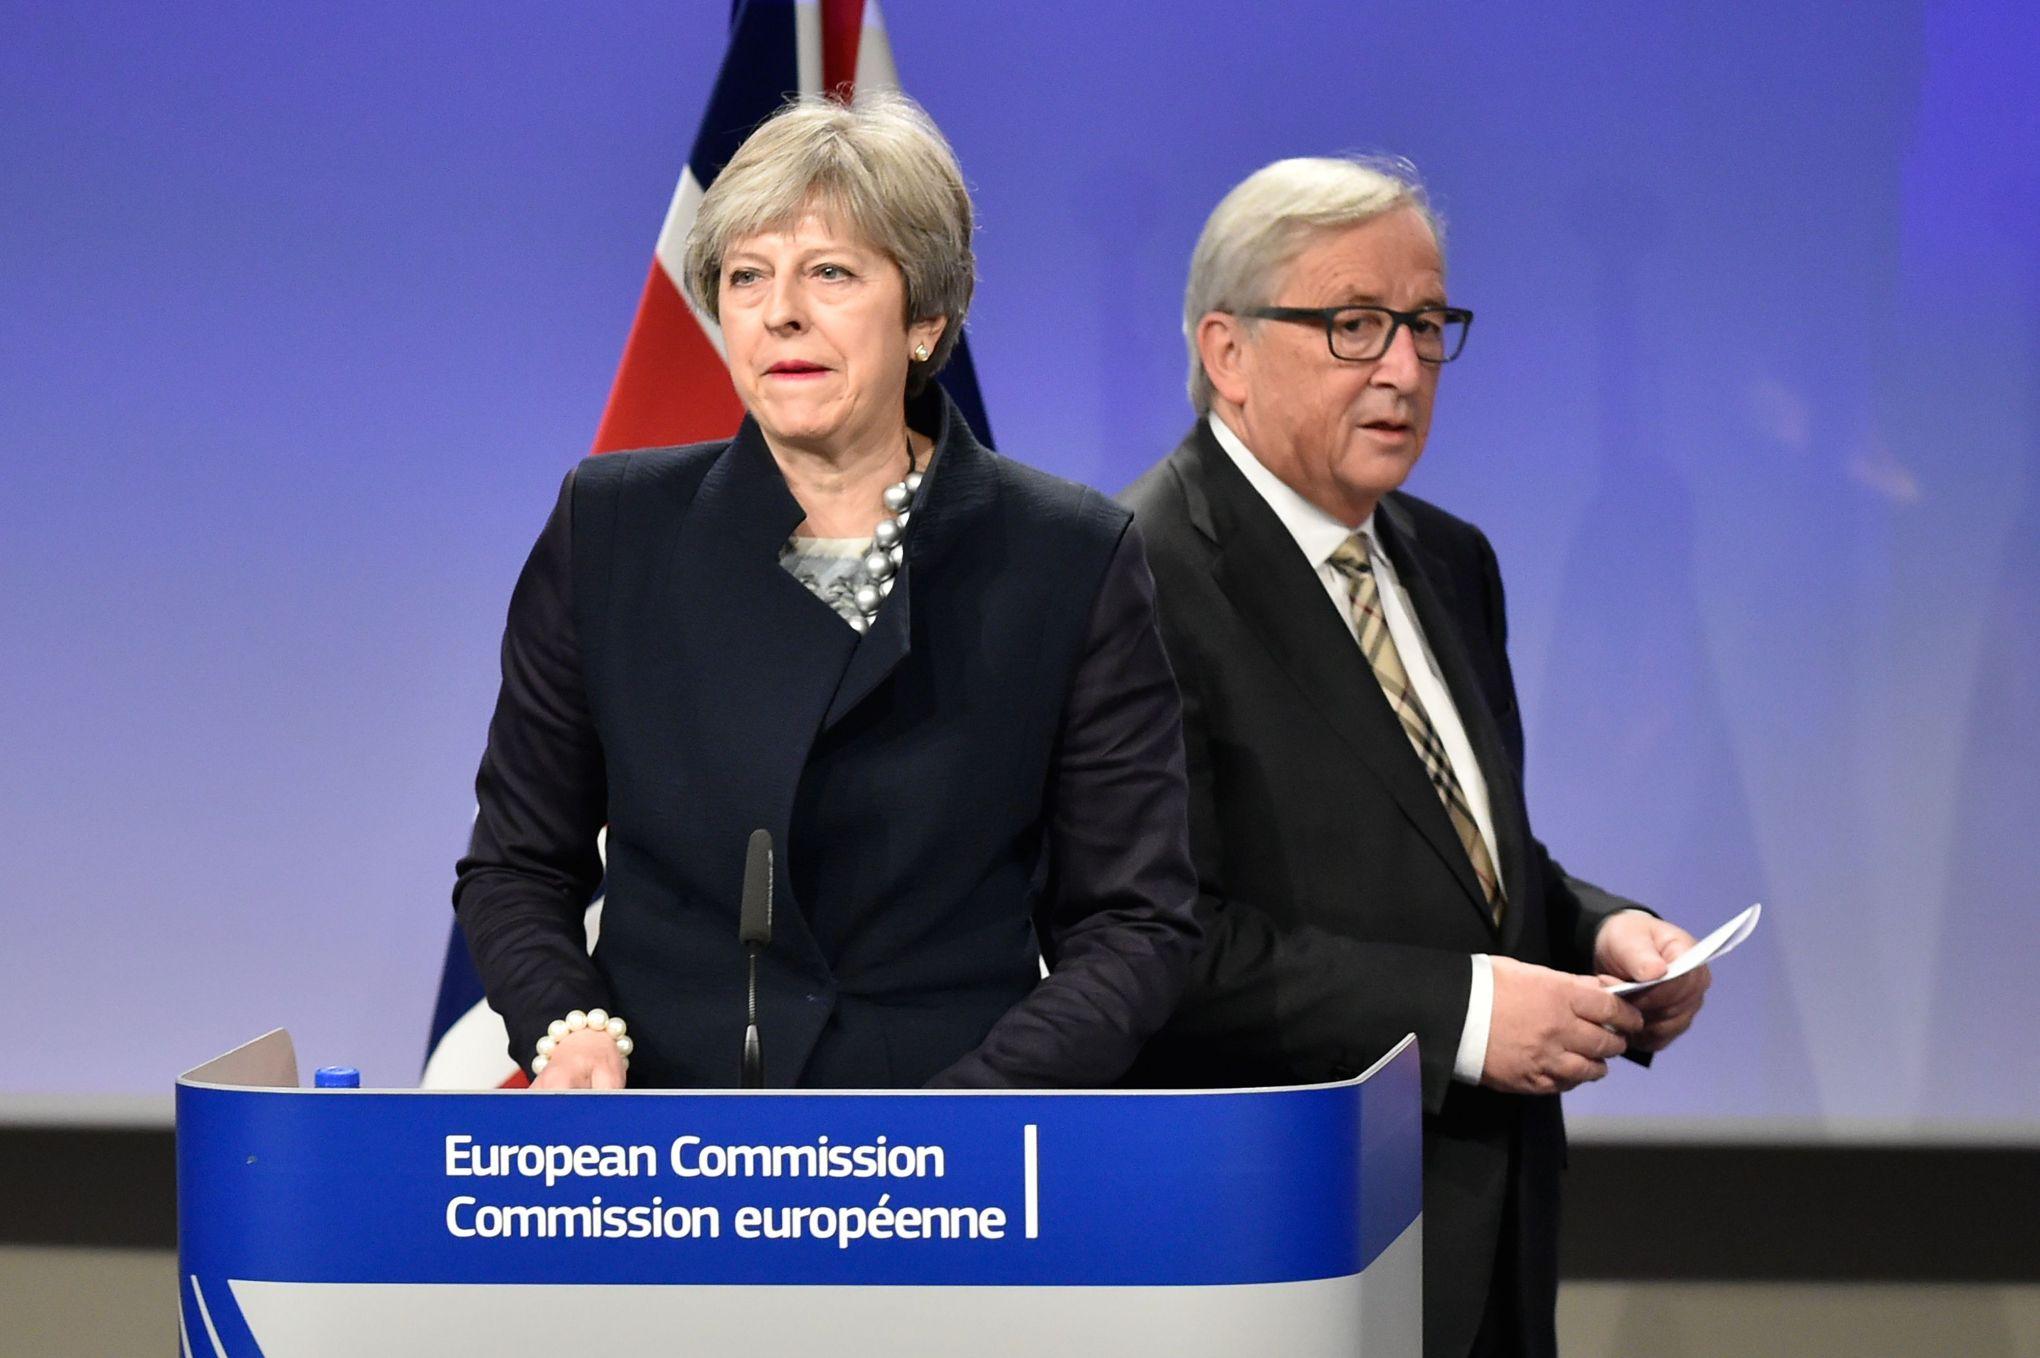 Des parlementaires britanniques mettent en garde contre le retard des négociations sur le Brexit